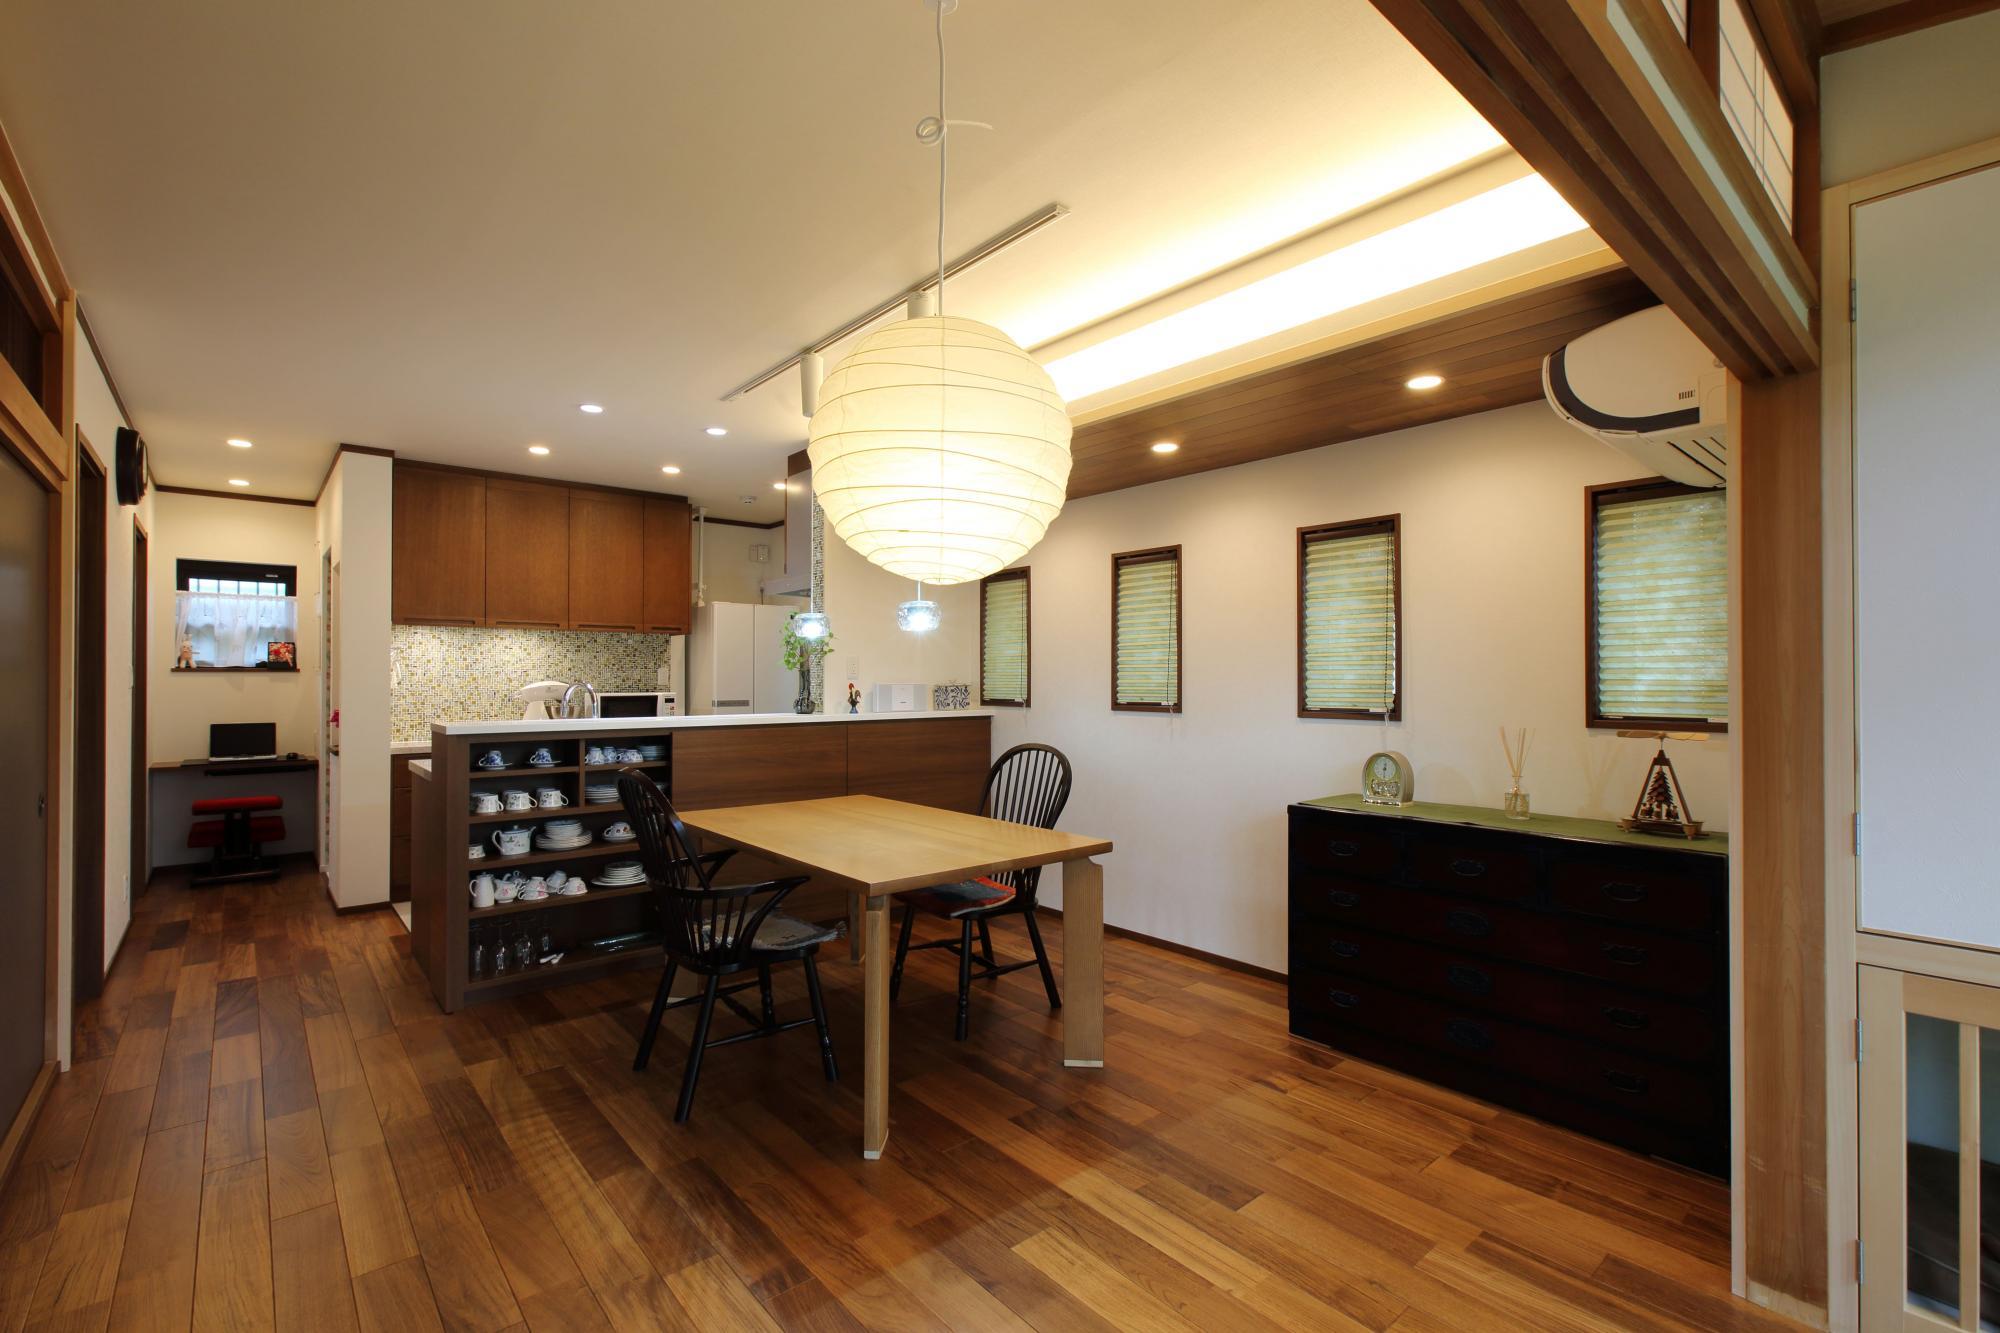 ニ間続きの和室のひと部屋をLDに変更。ひと続きになったLDのチーク材のフロアとキッチンのタイルフロアは床暖房対応に。雰囲気のある空間に演出するために、押し入れだった部分を下がり天井にし、4つの縦すべり出し窓を設置。